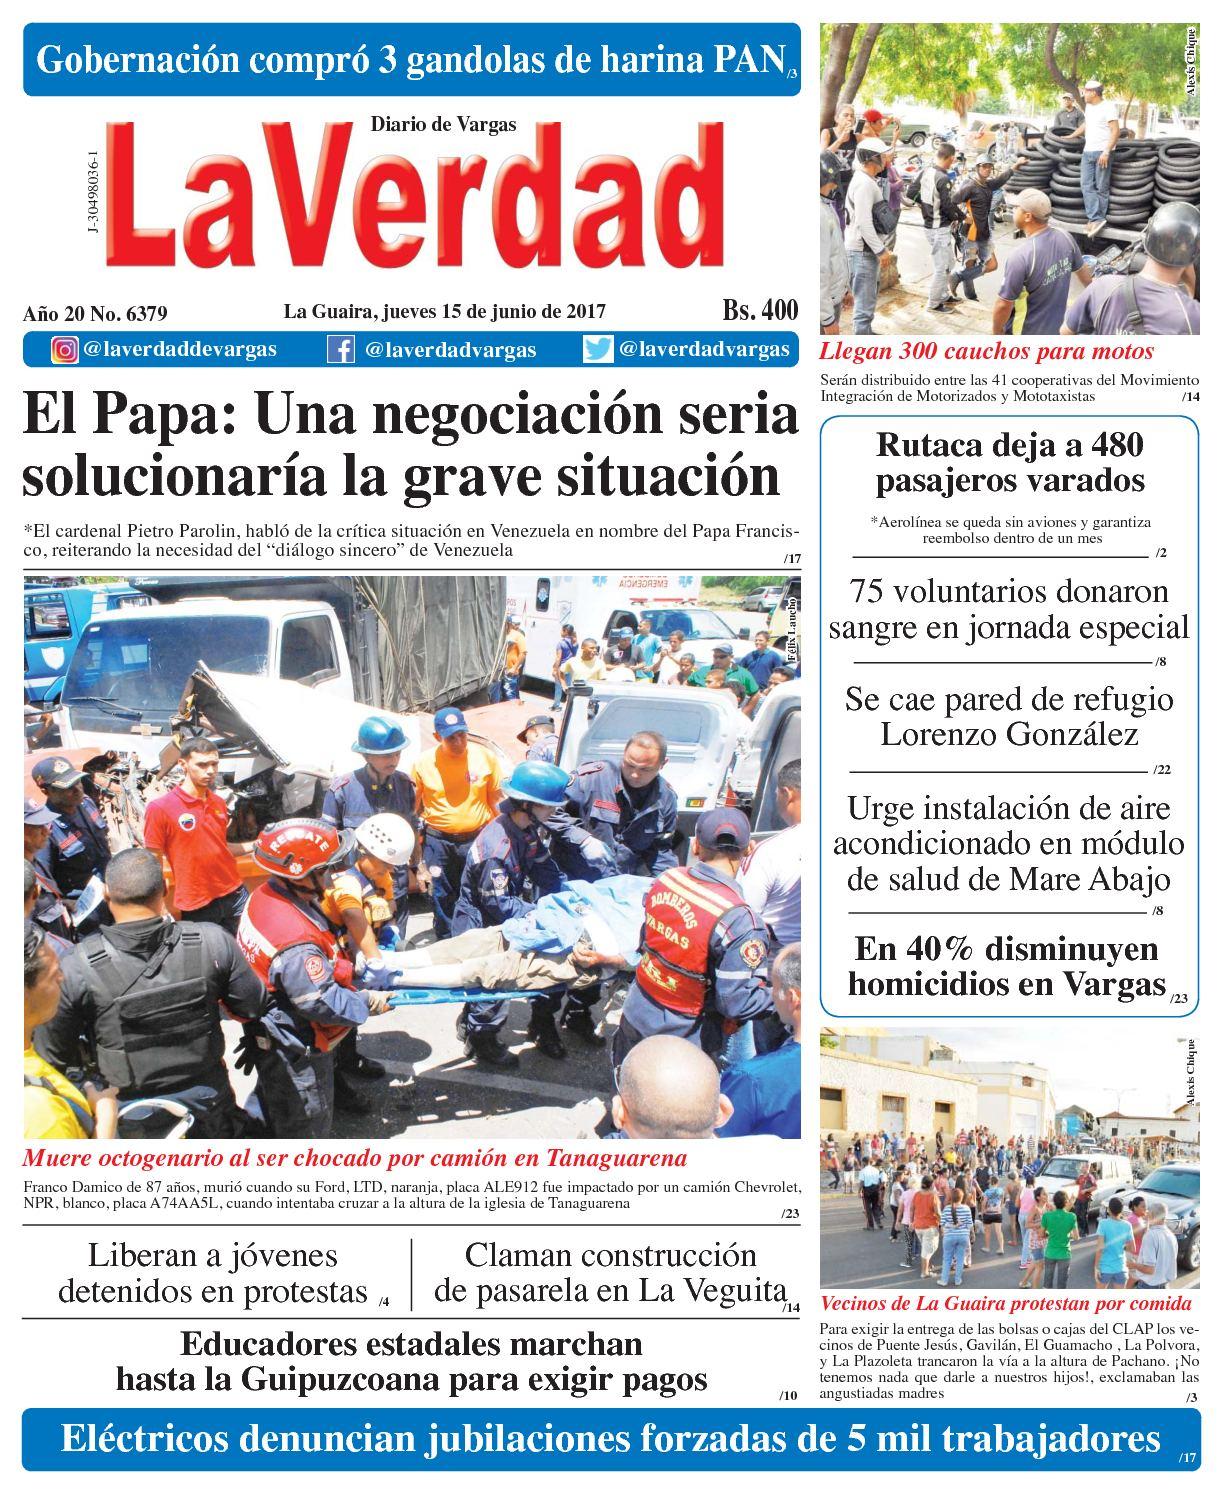 La Guaira, jueves 15 de junio de 2017 Año 20 No. 6379